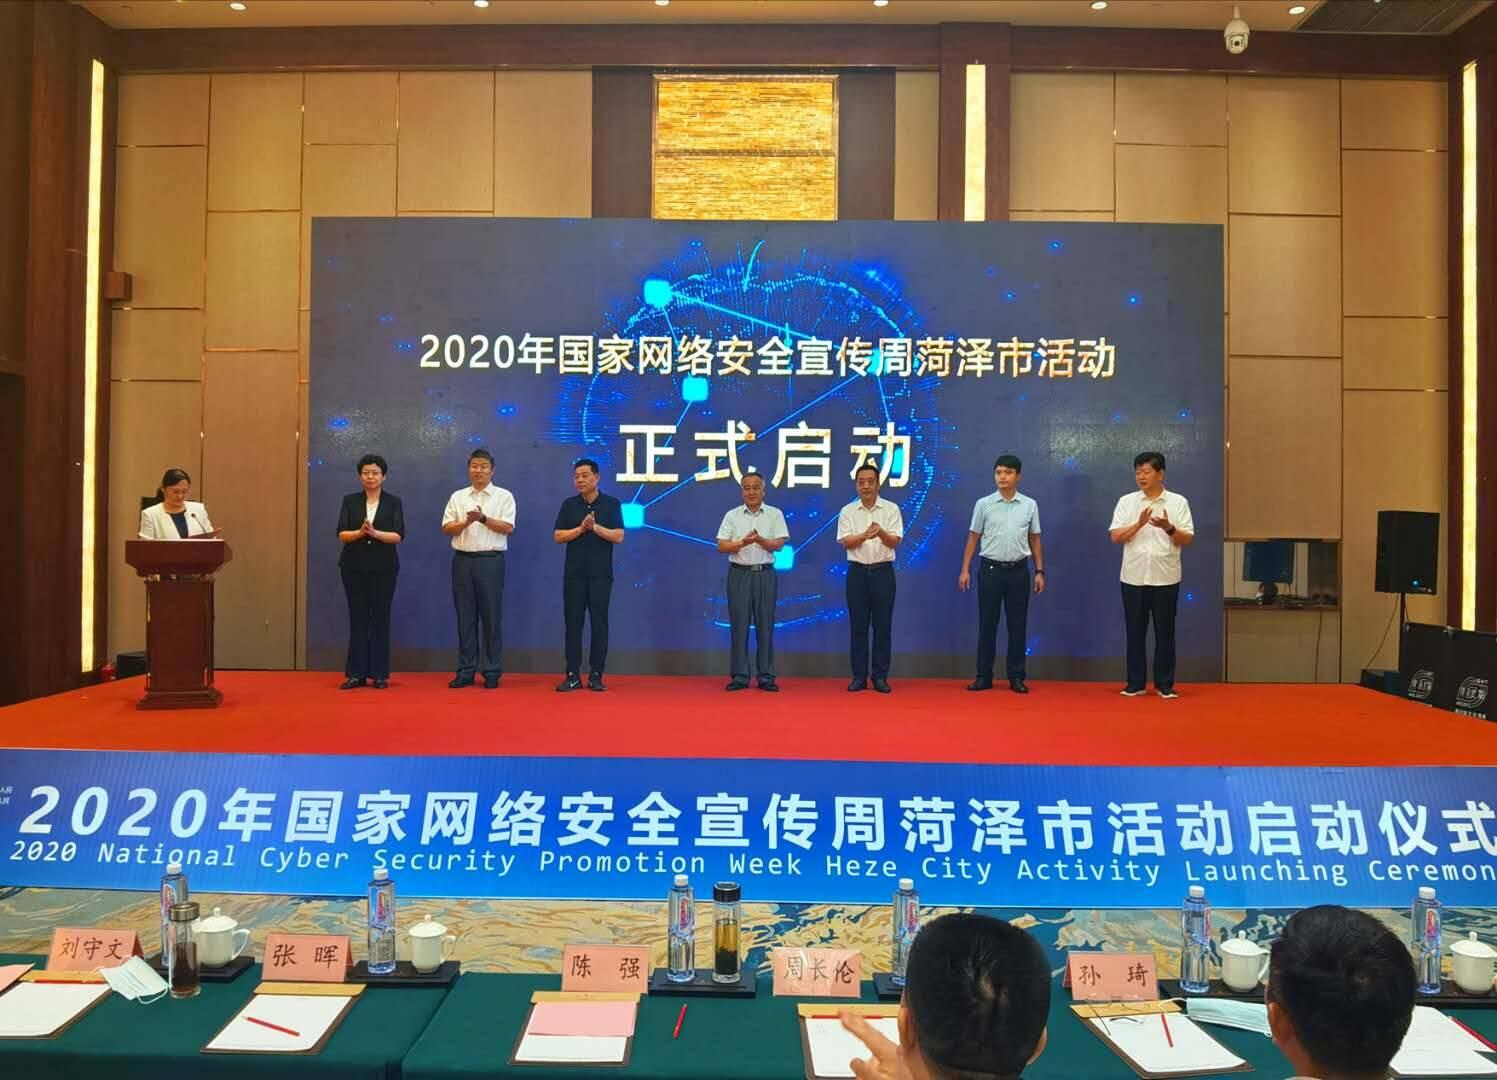 夯实根基 筑牢屏障 2020年国家网络安全宣传周菏泽市活动正式启动